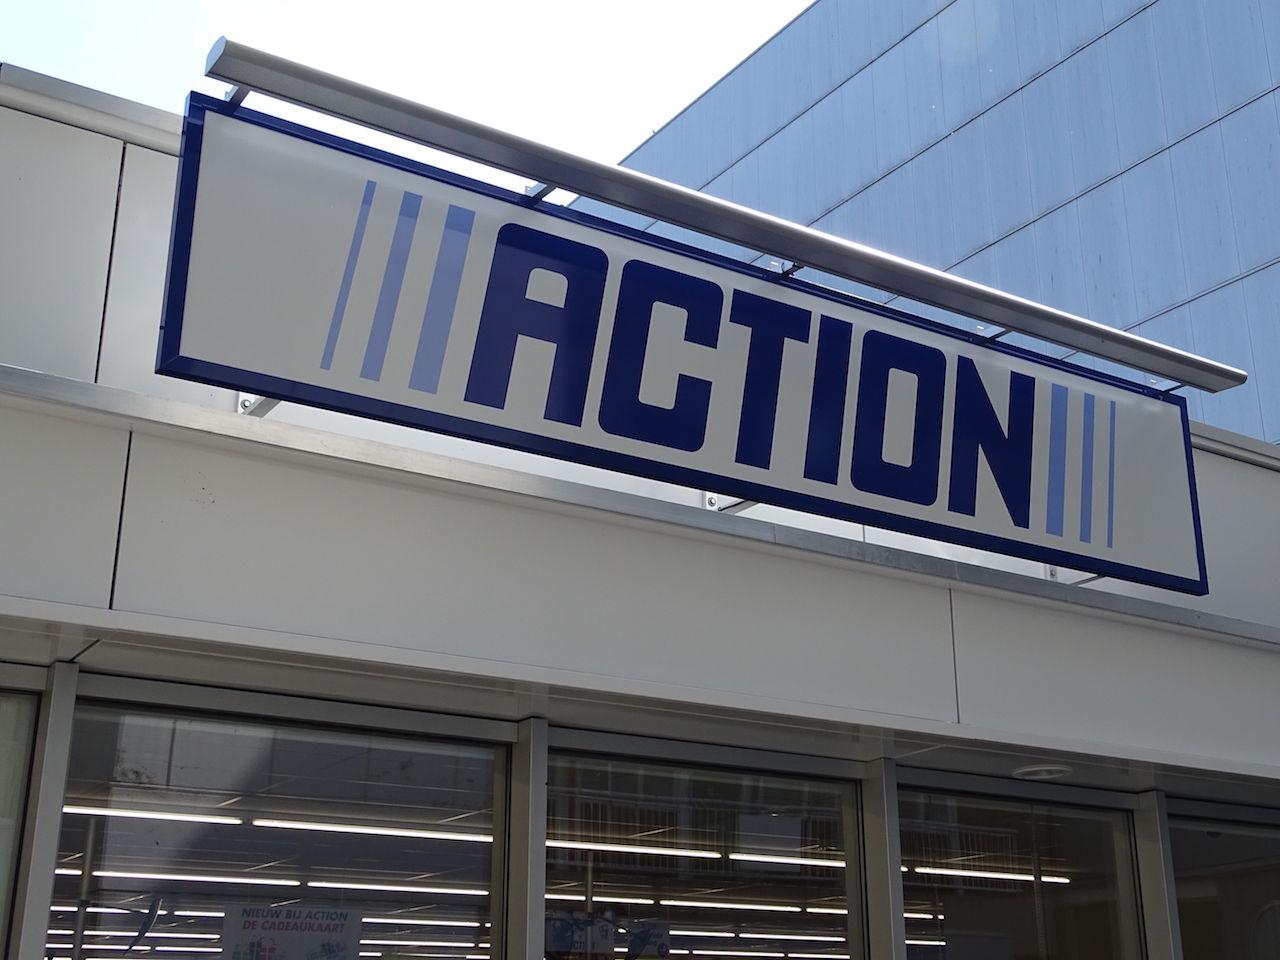 ActionWinkel